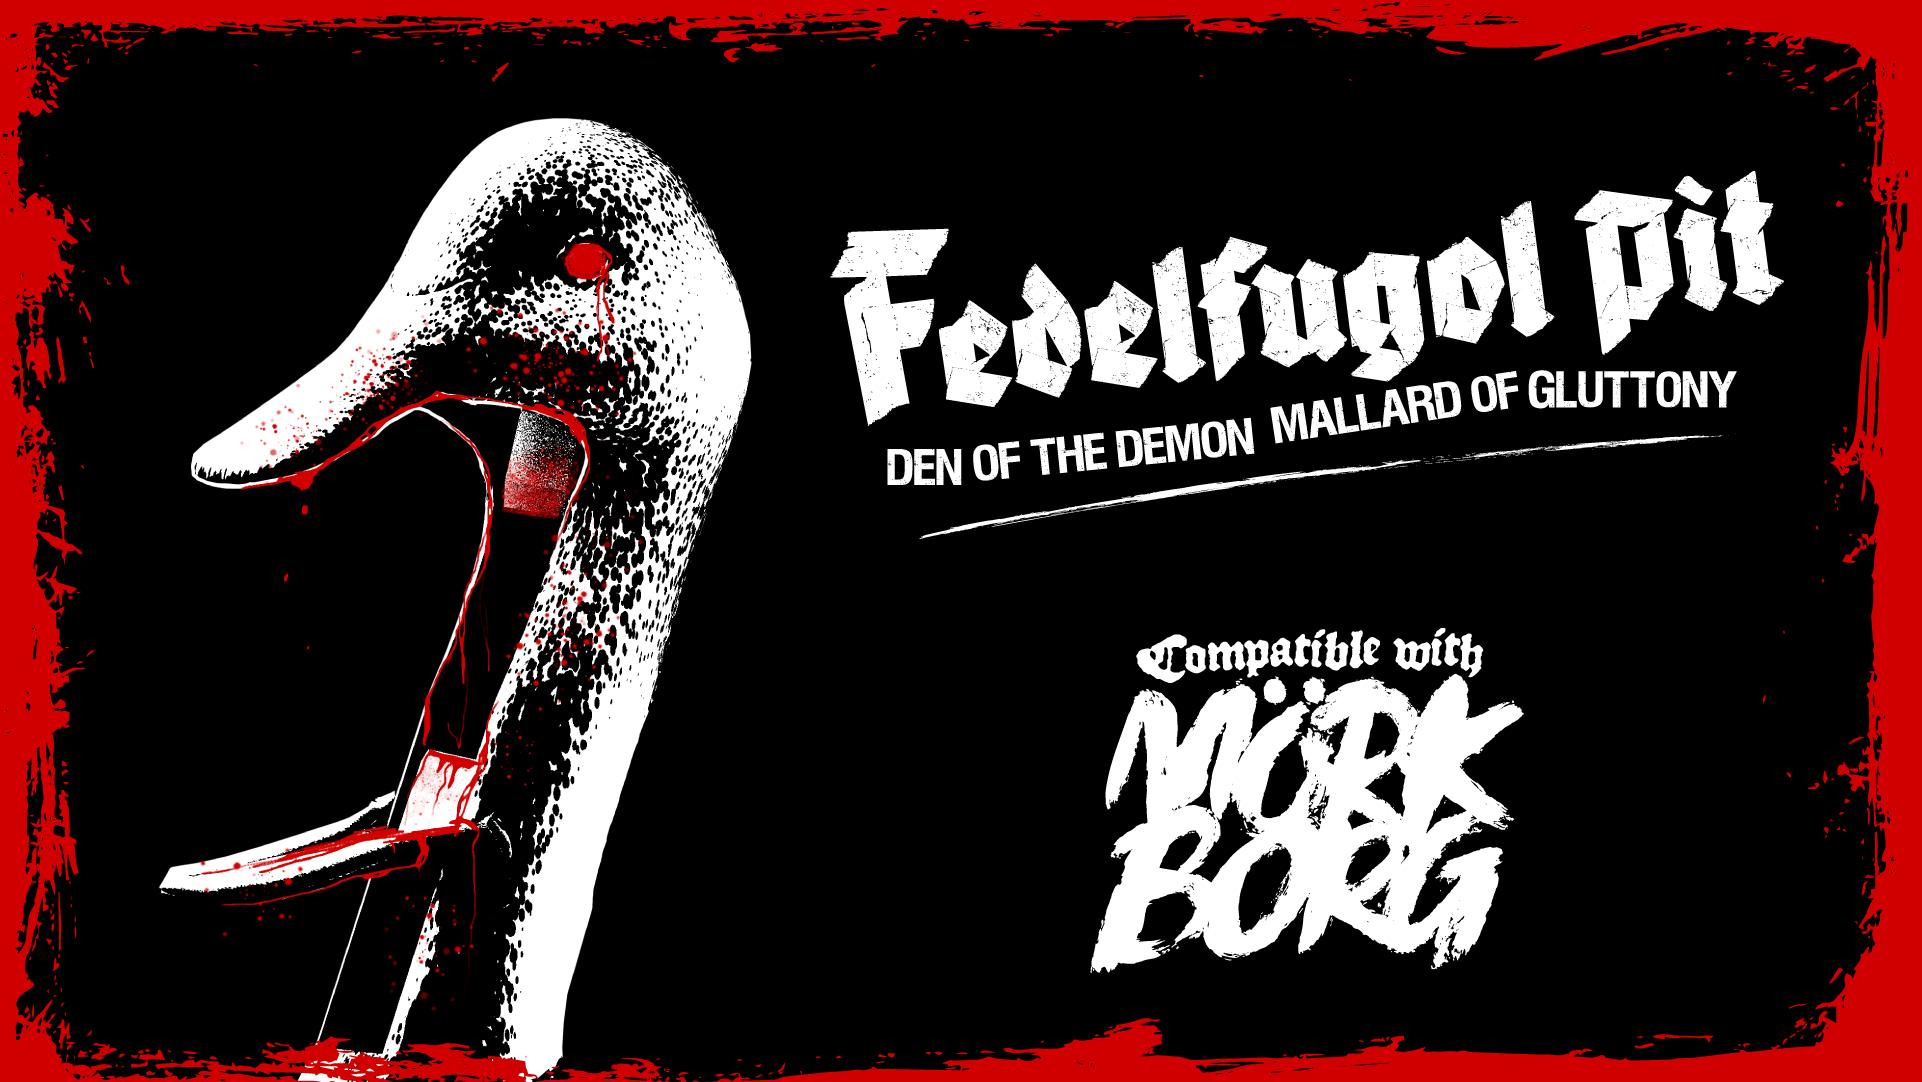 Fedelfugol Pit | Den of the Demon Mallard of Gluttony